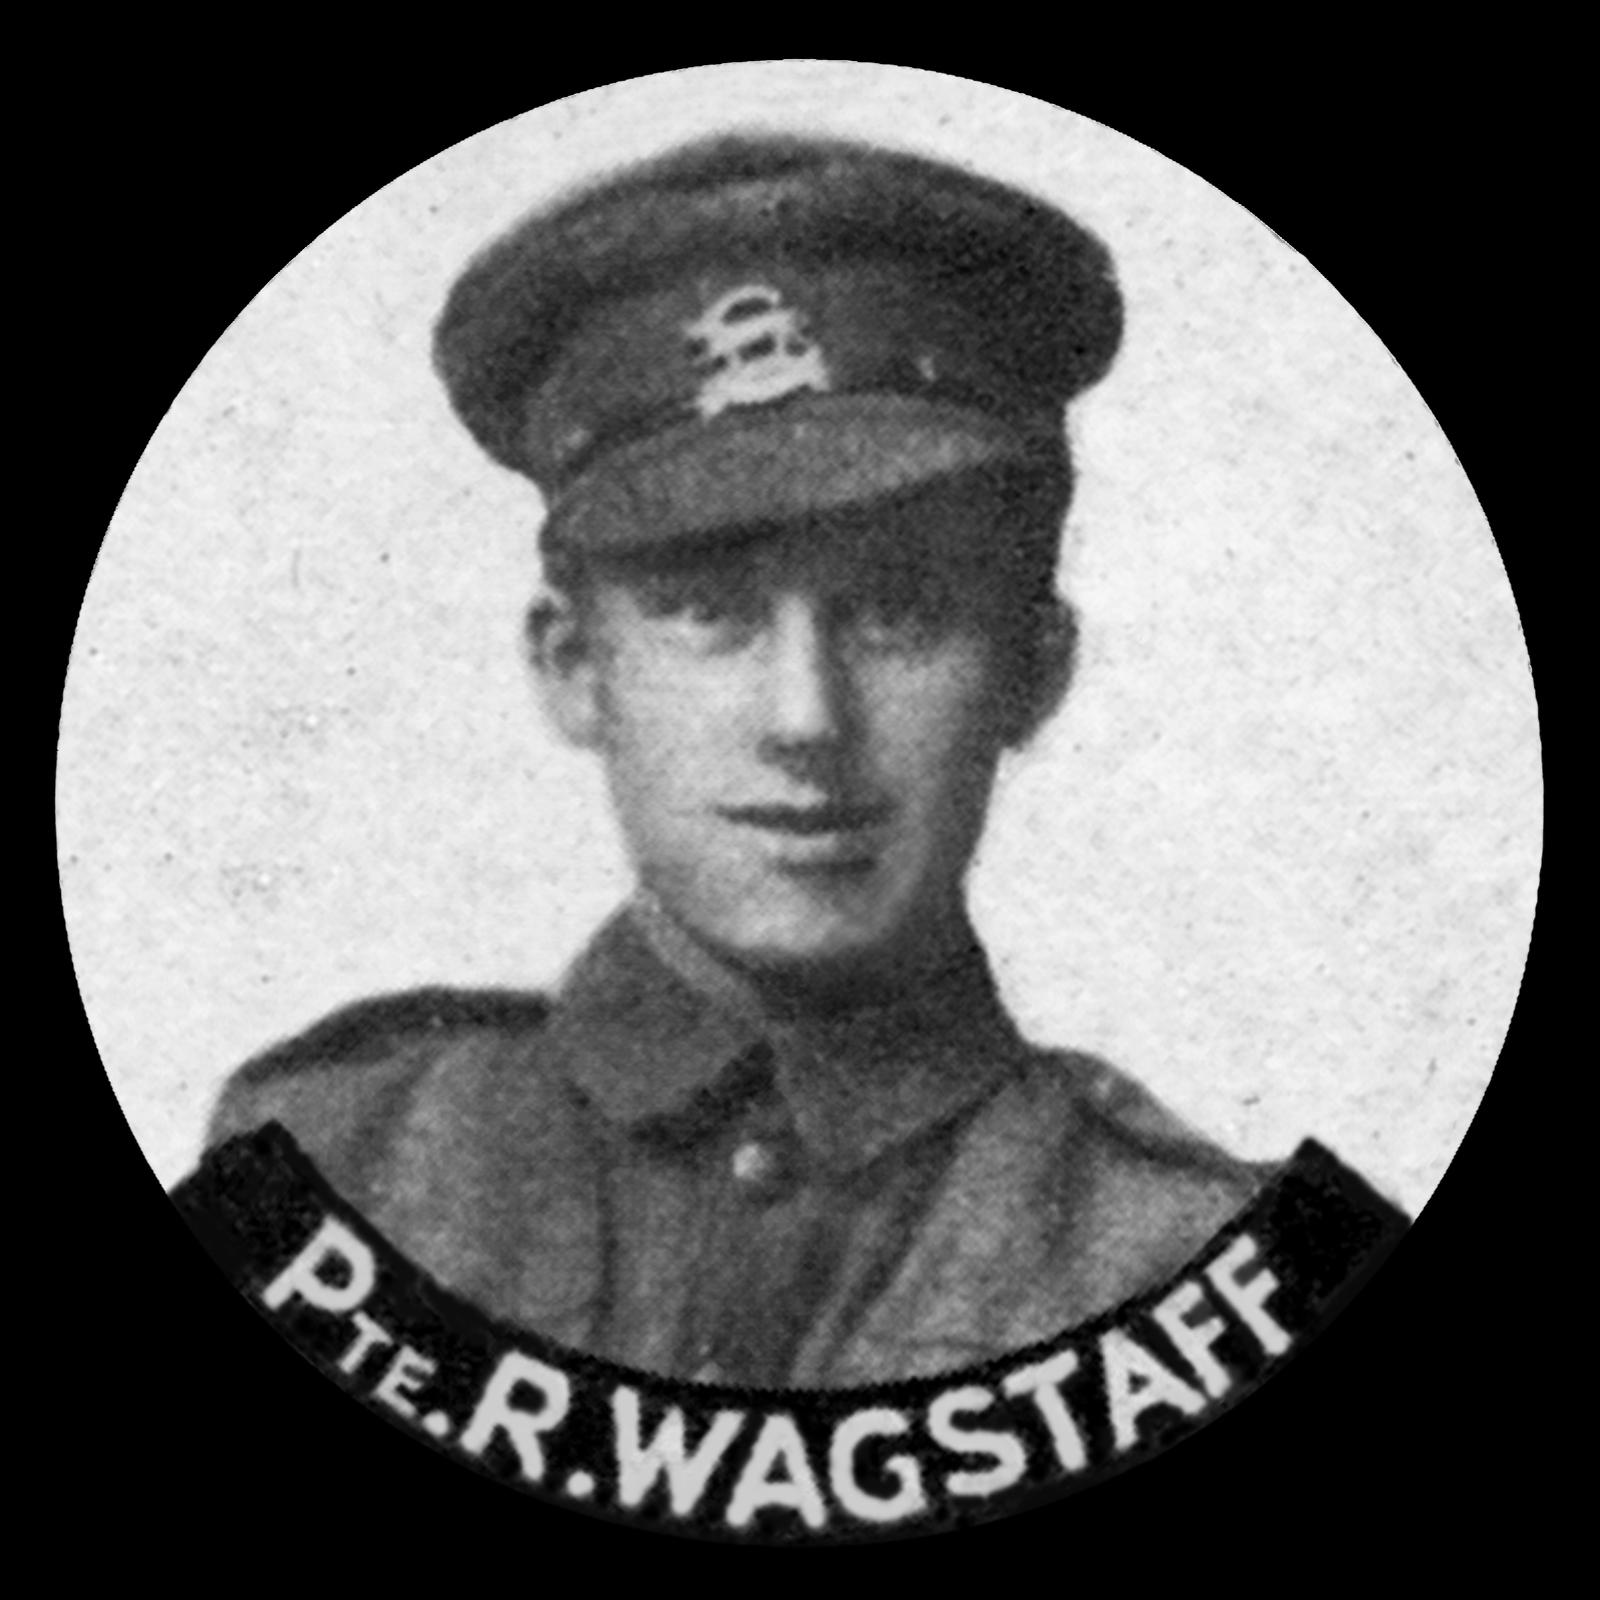 WAGSTAFF Robert